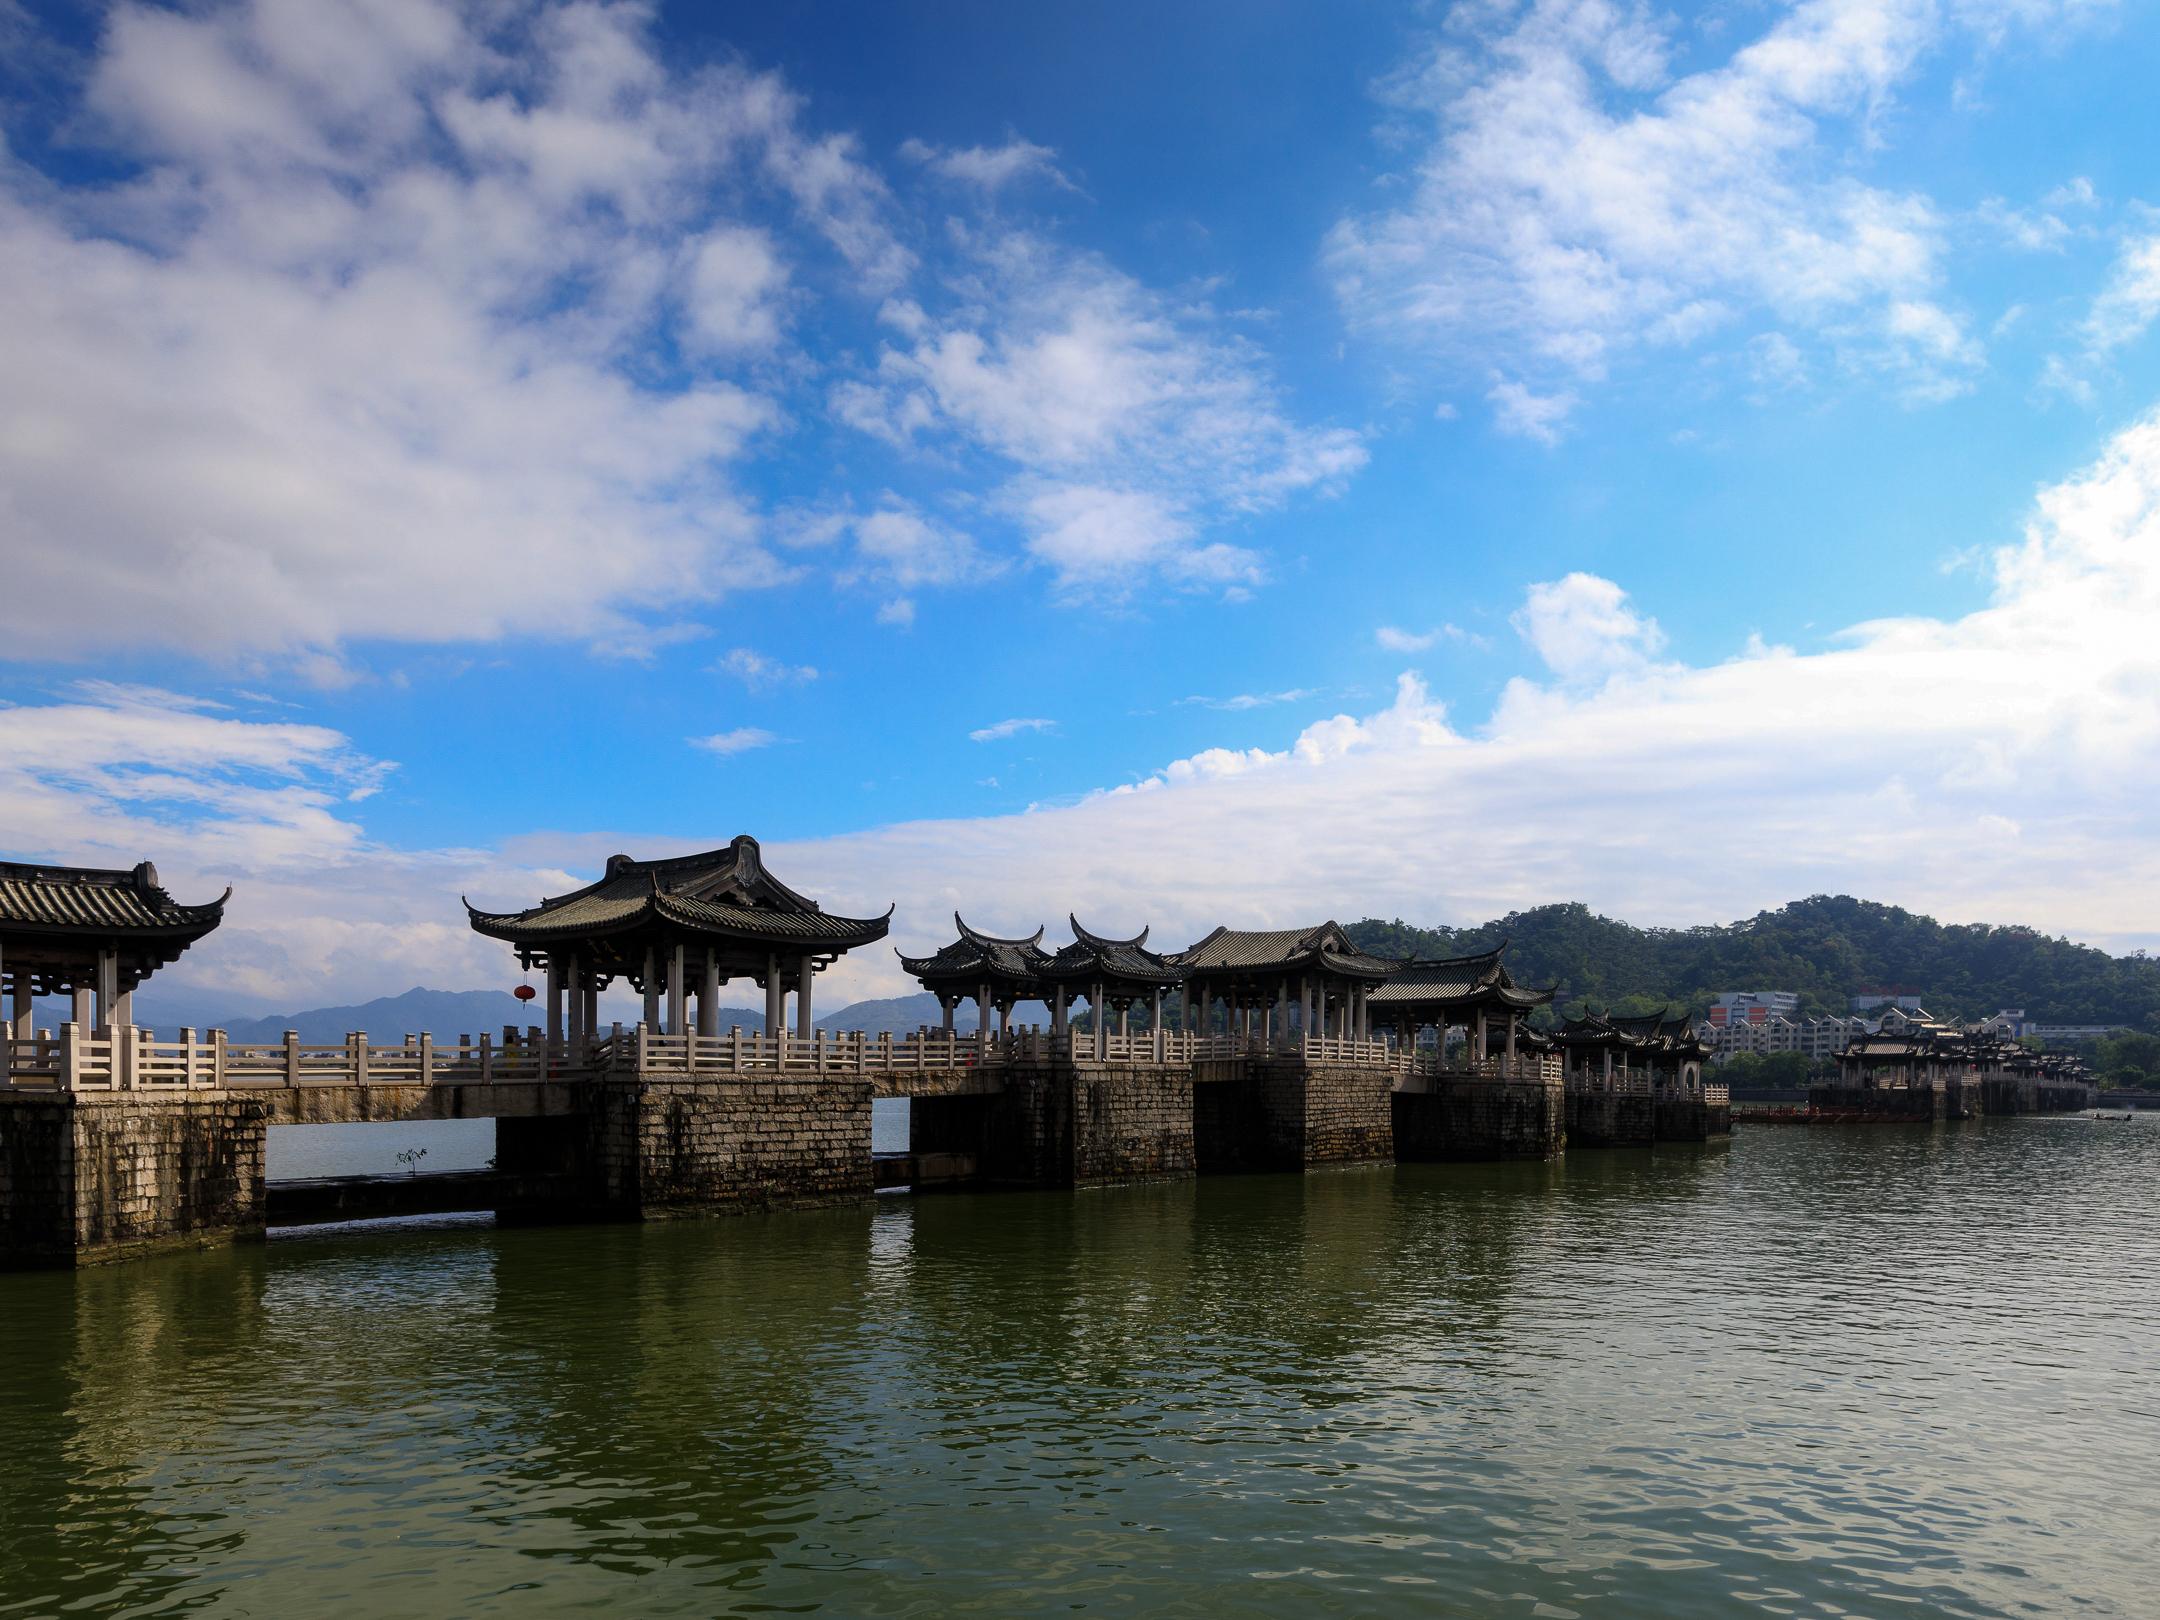 中国结构最独特的古桥,中间由木船链接,如今成为国内知名景区